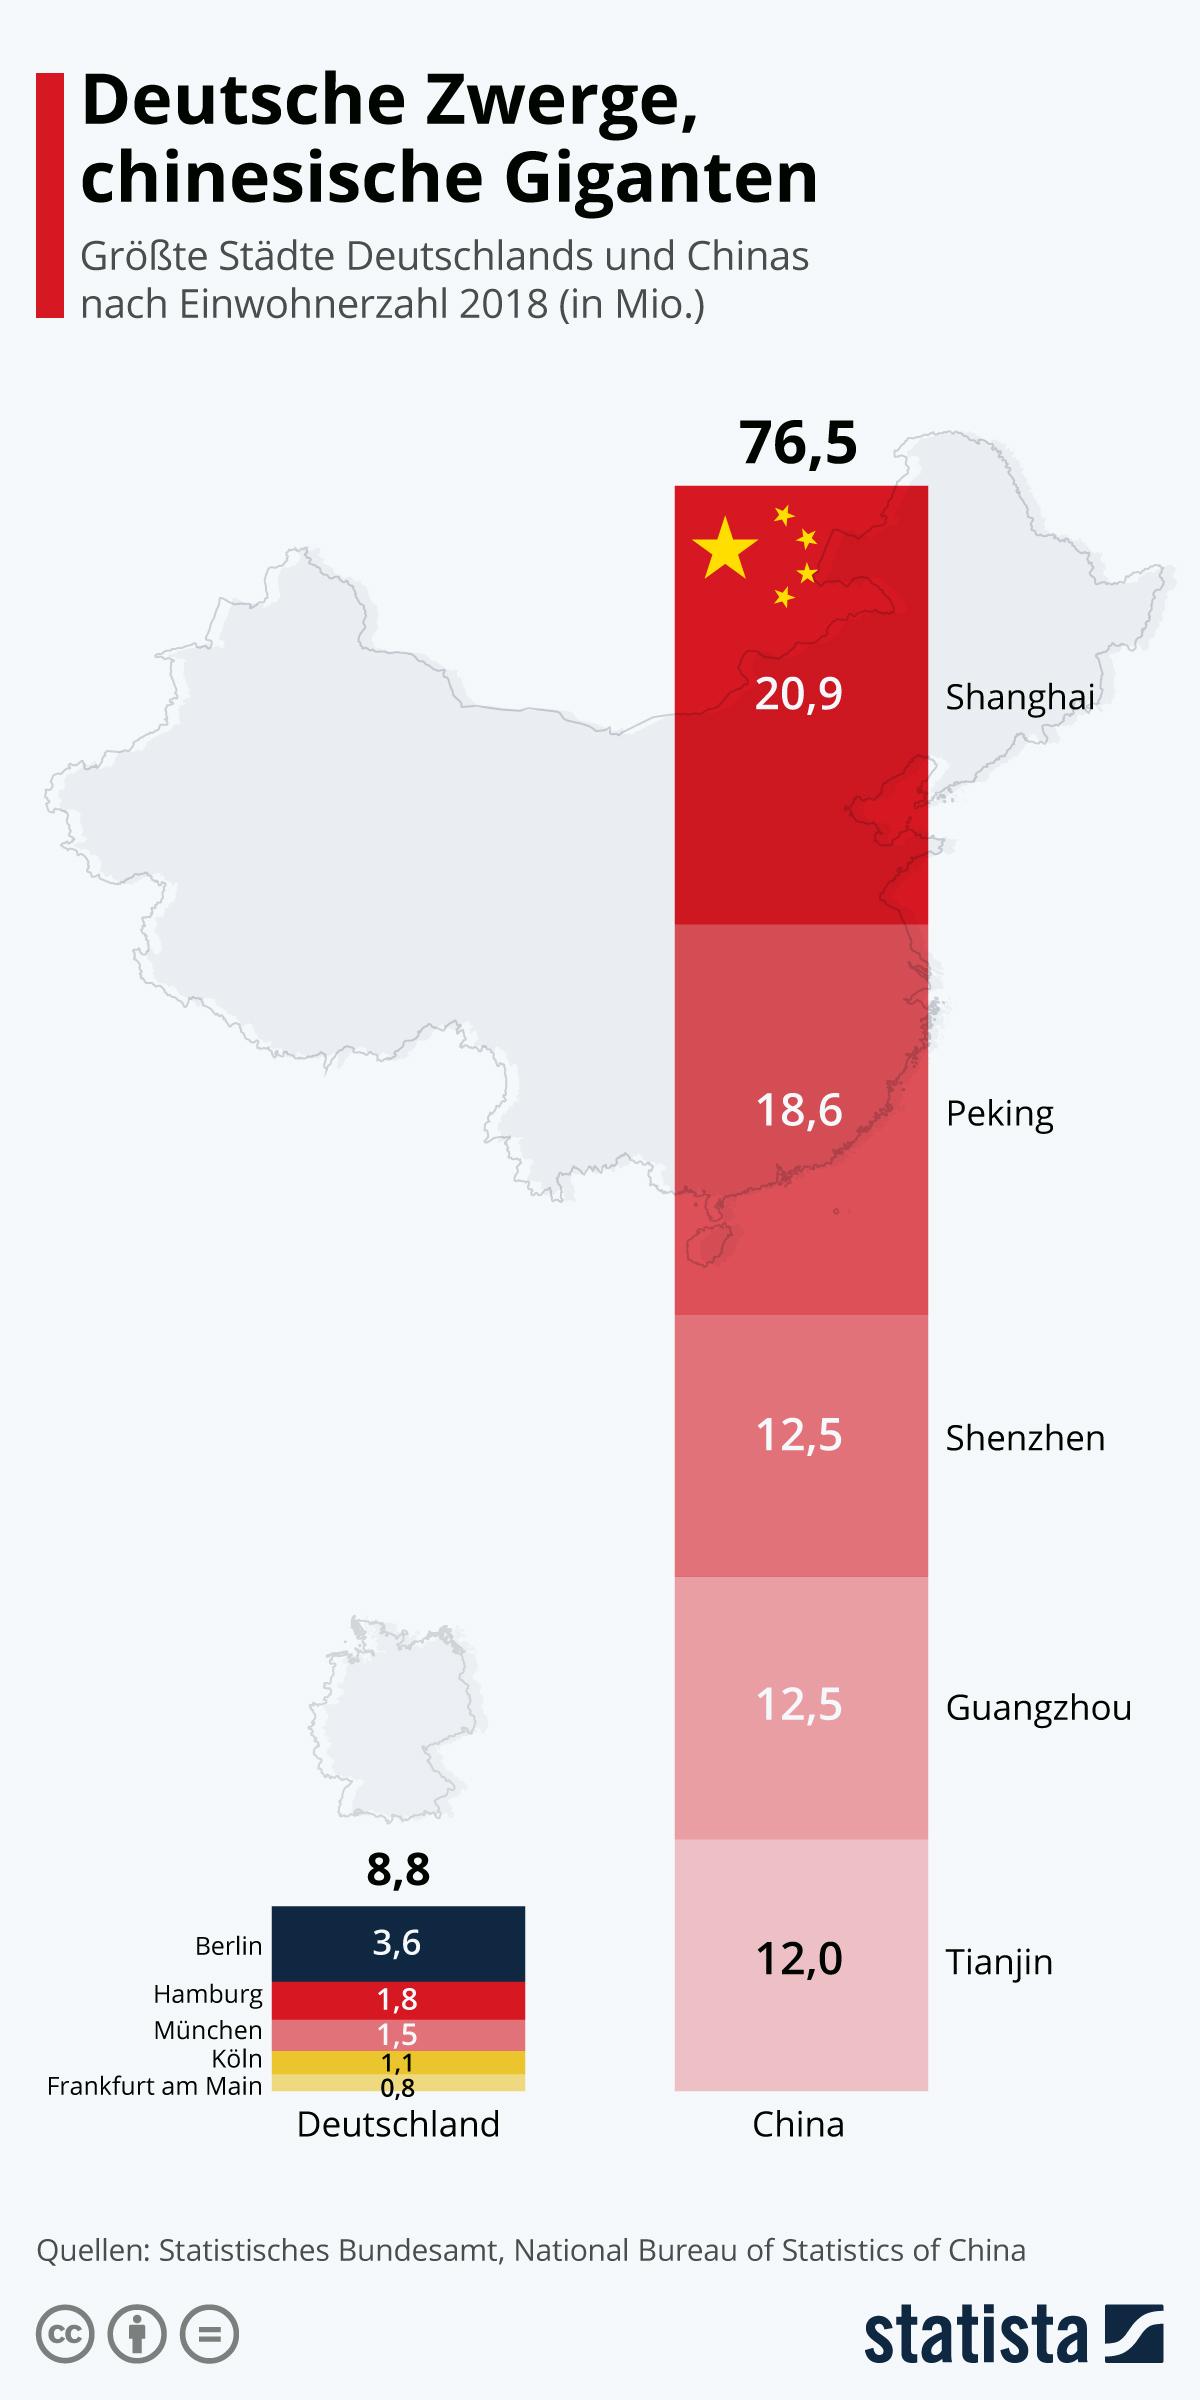 Infografik: Deutsche Zwerge, chinesische Giganten | Statista